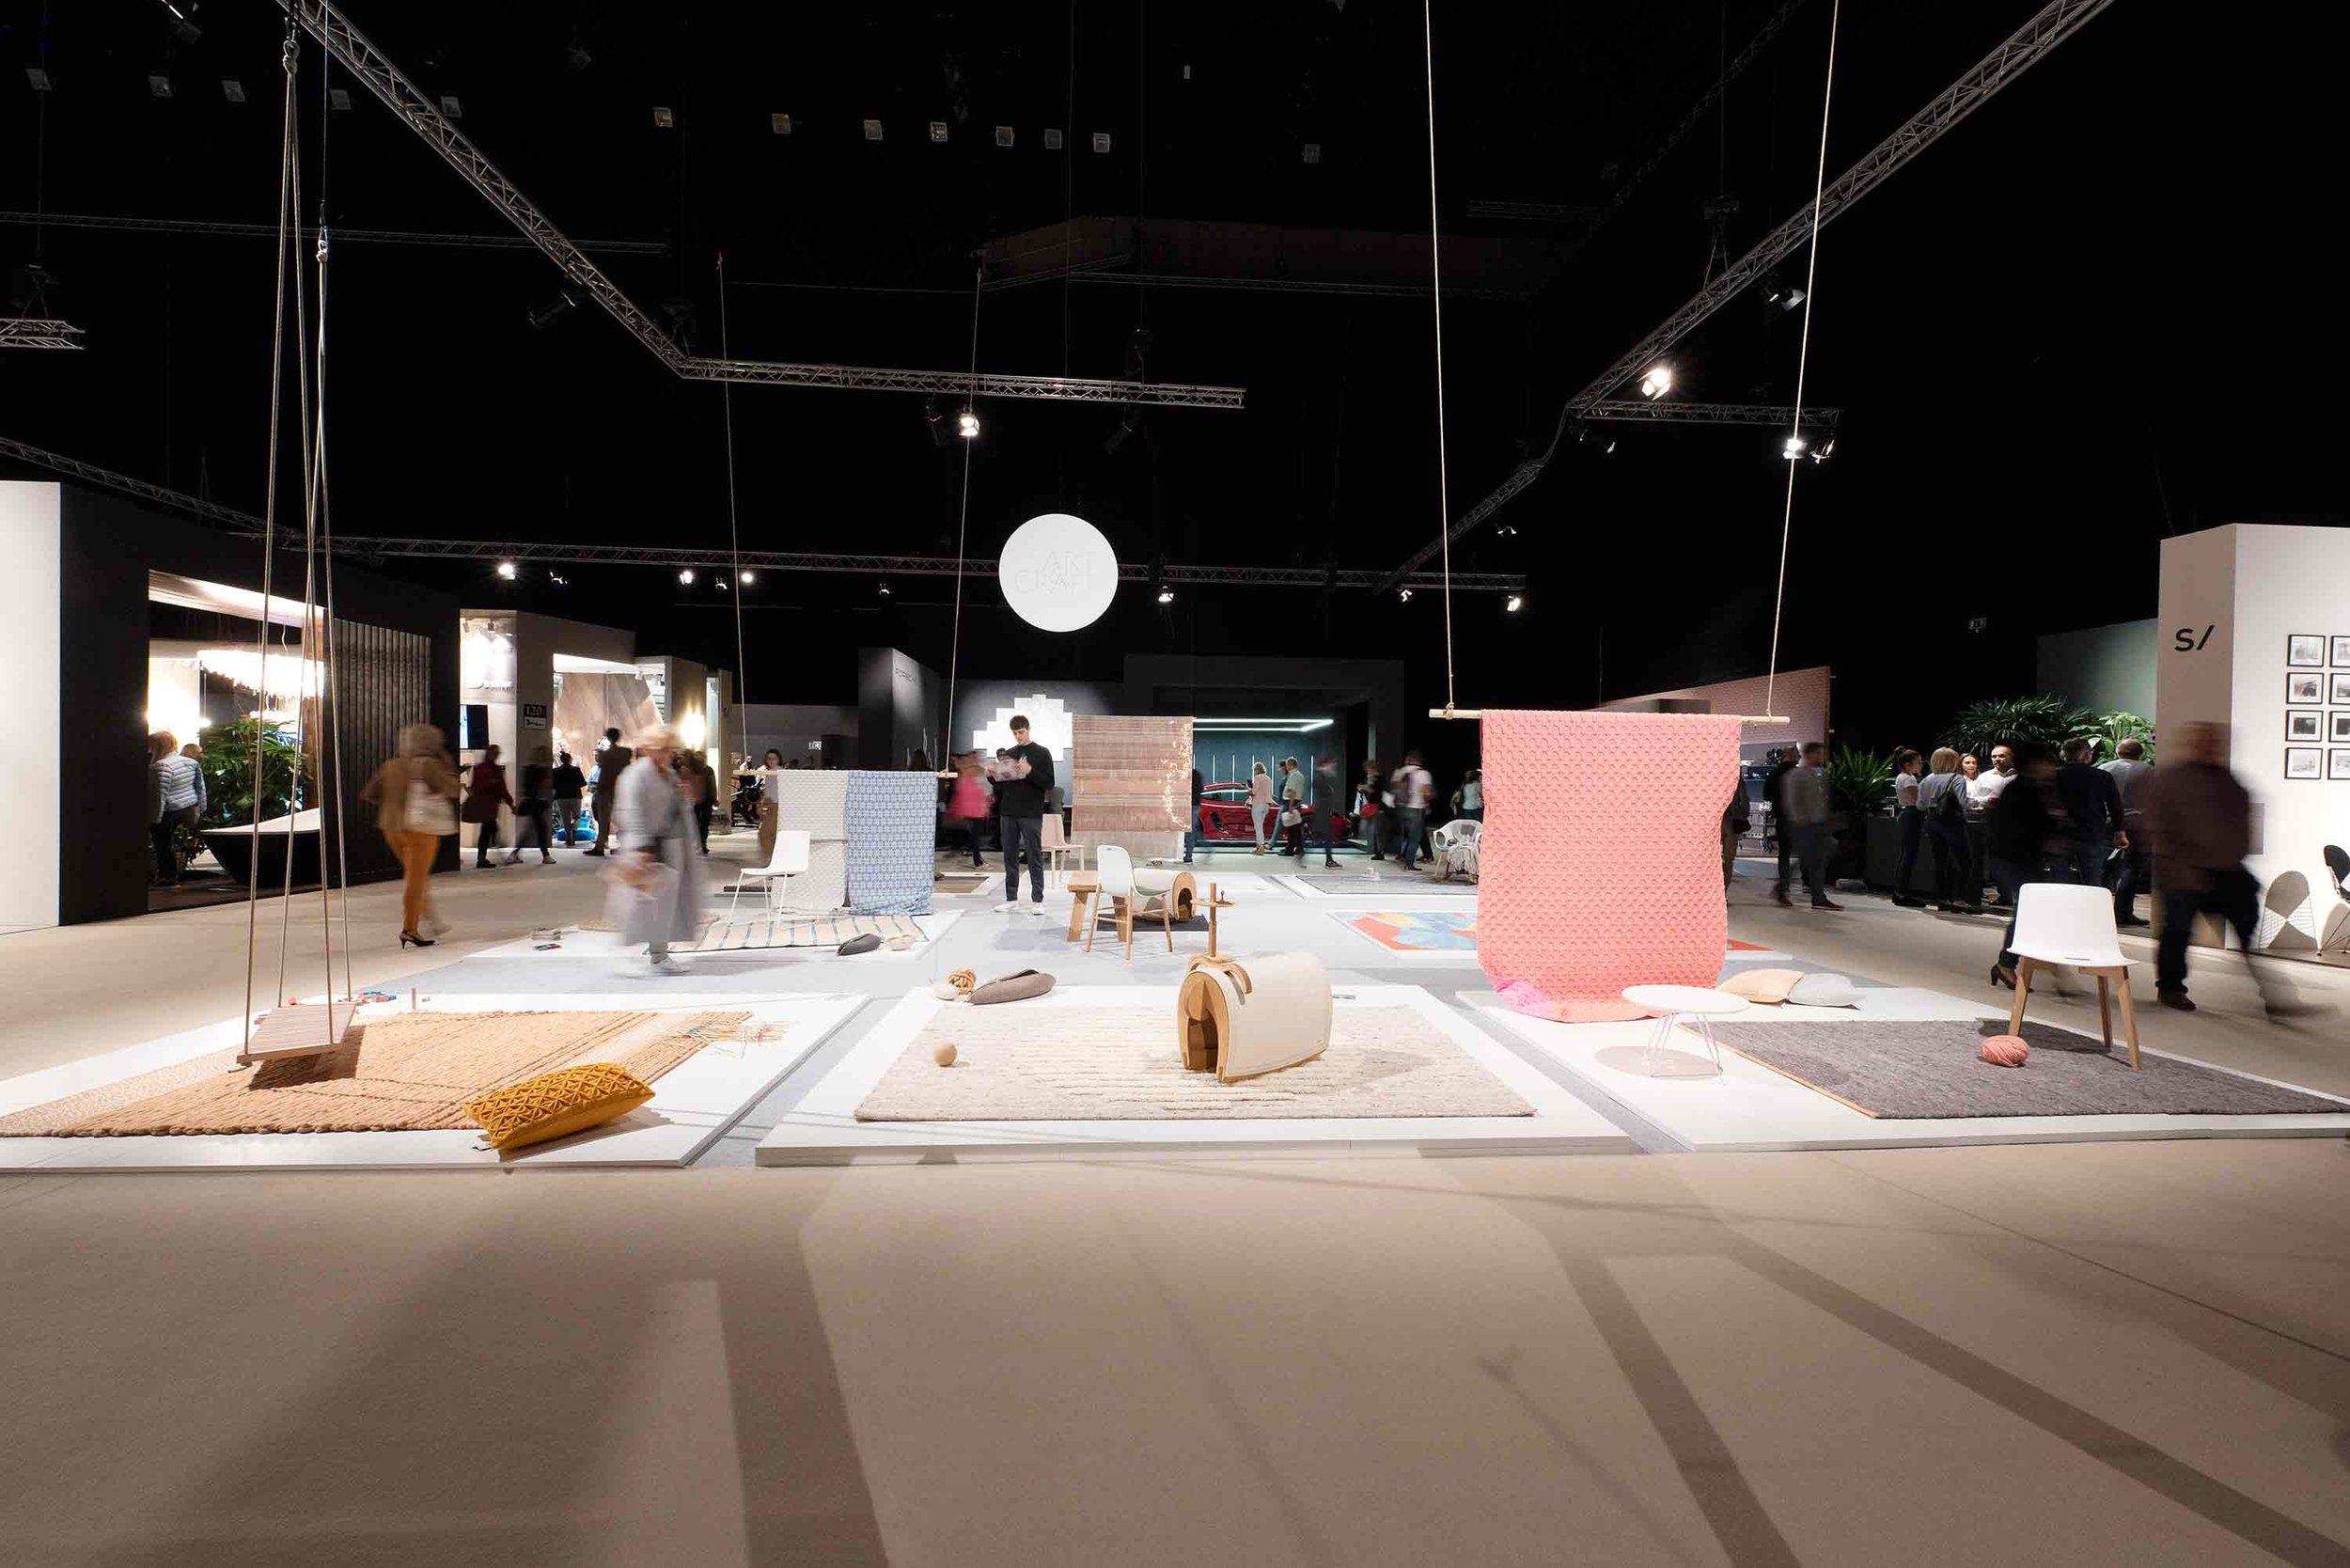 S/ALON BUDAPEST - Lakástrend kiállítás az arénában - rug art fest előzetes